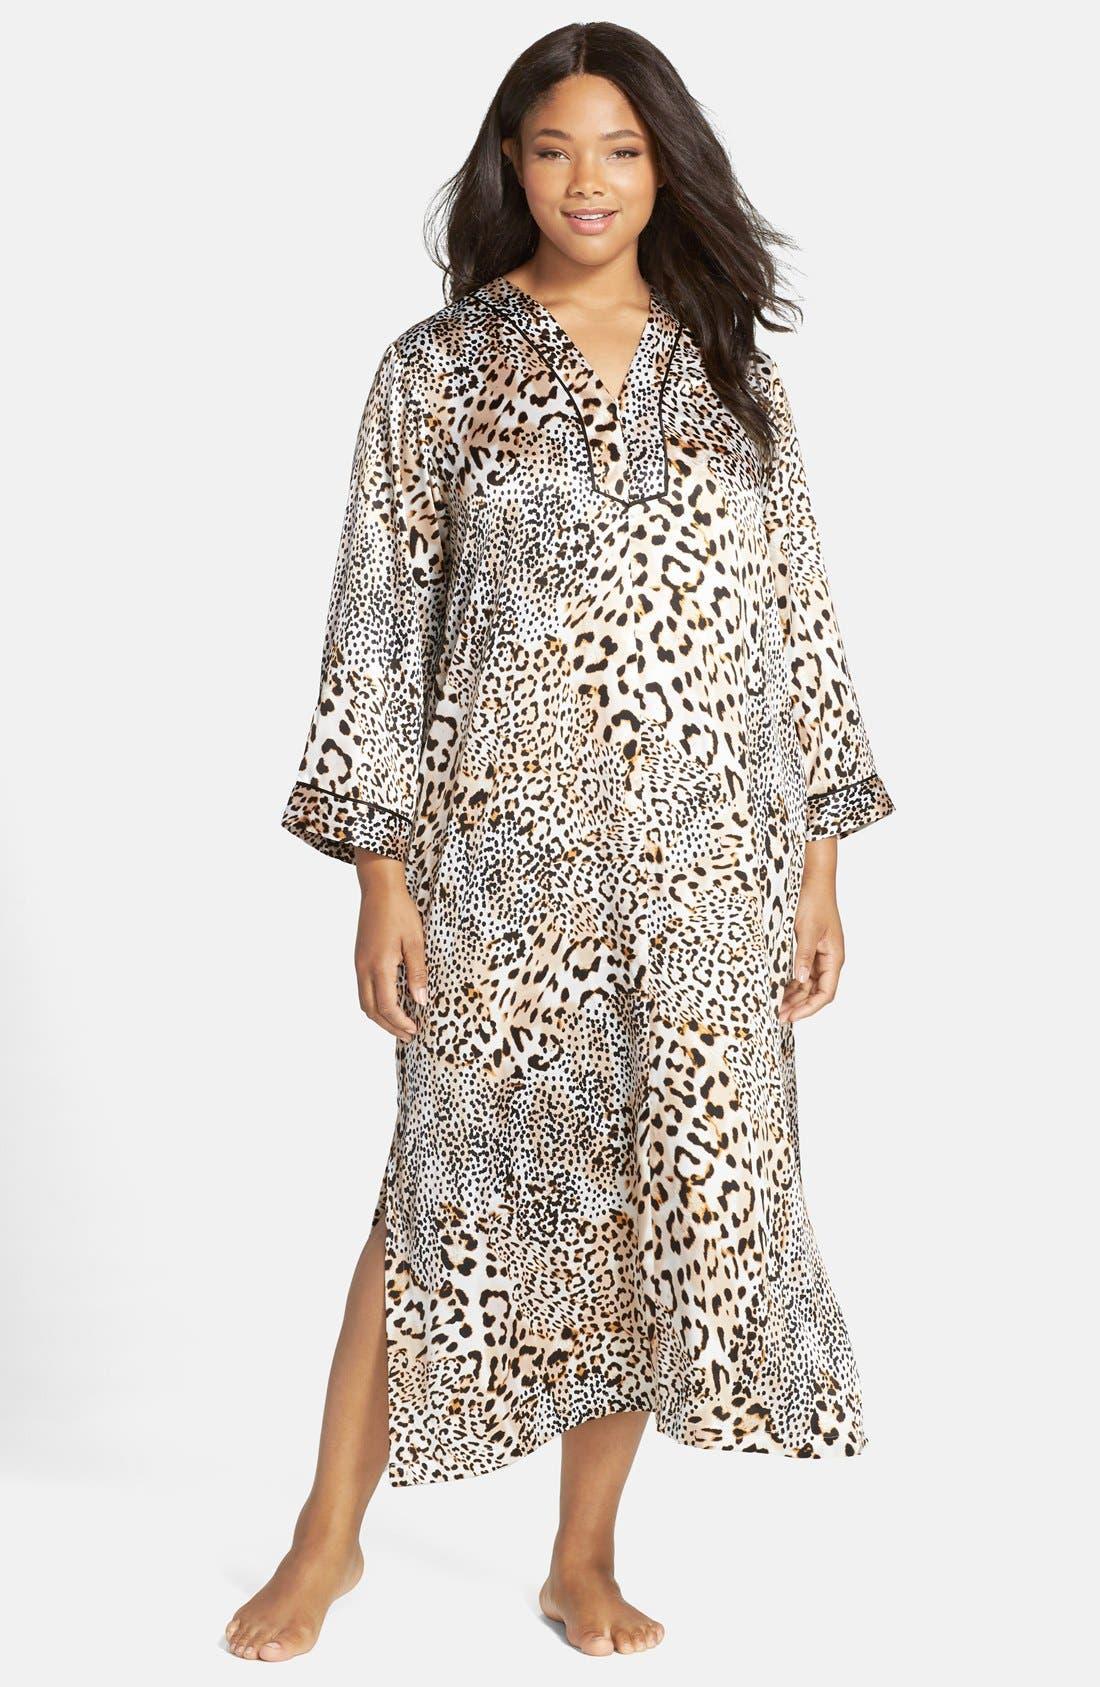 OSCAR DE LA RENTA Sleepwear Cheetah Print Caftan, Main, color, 250